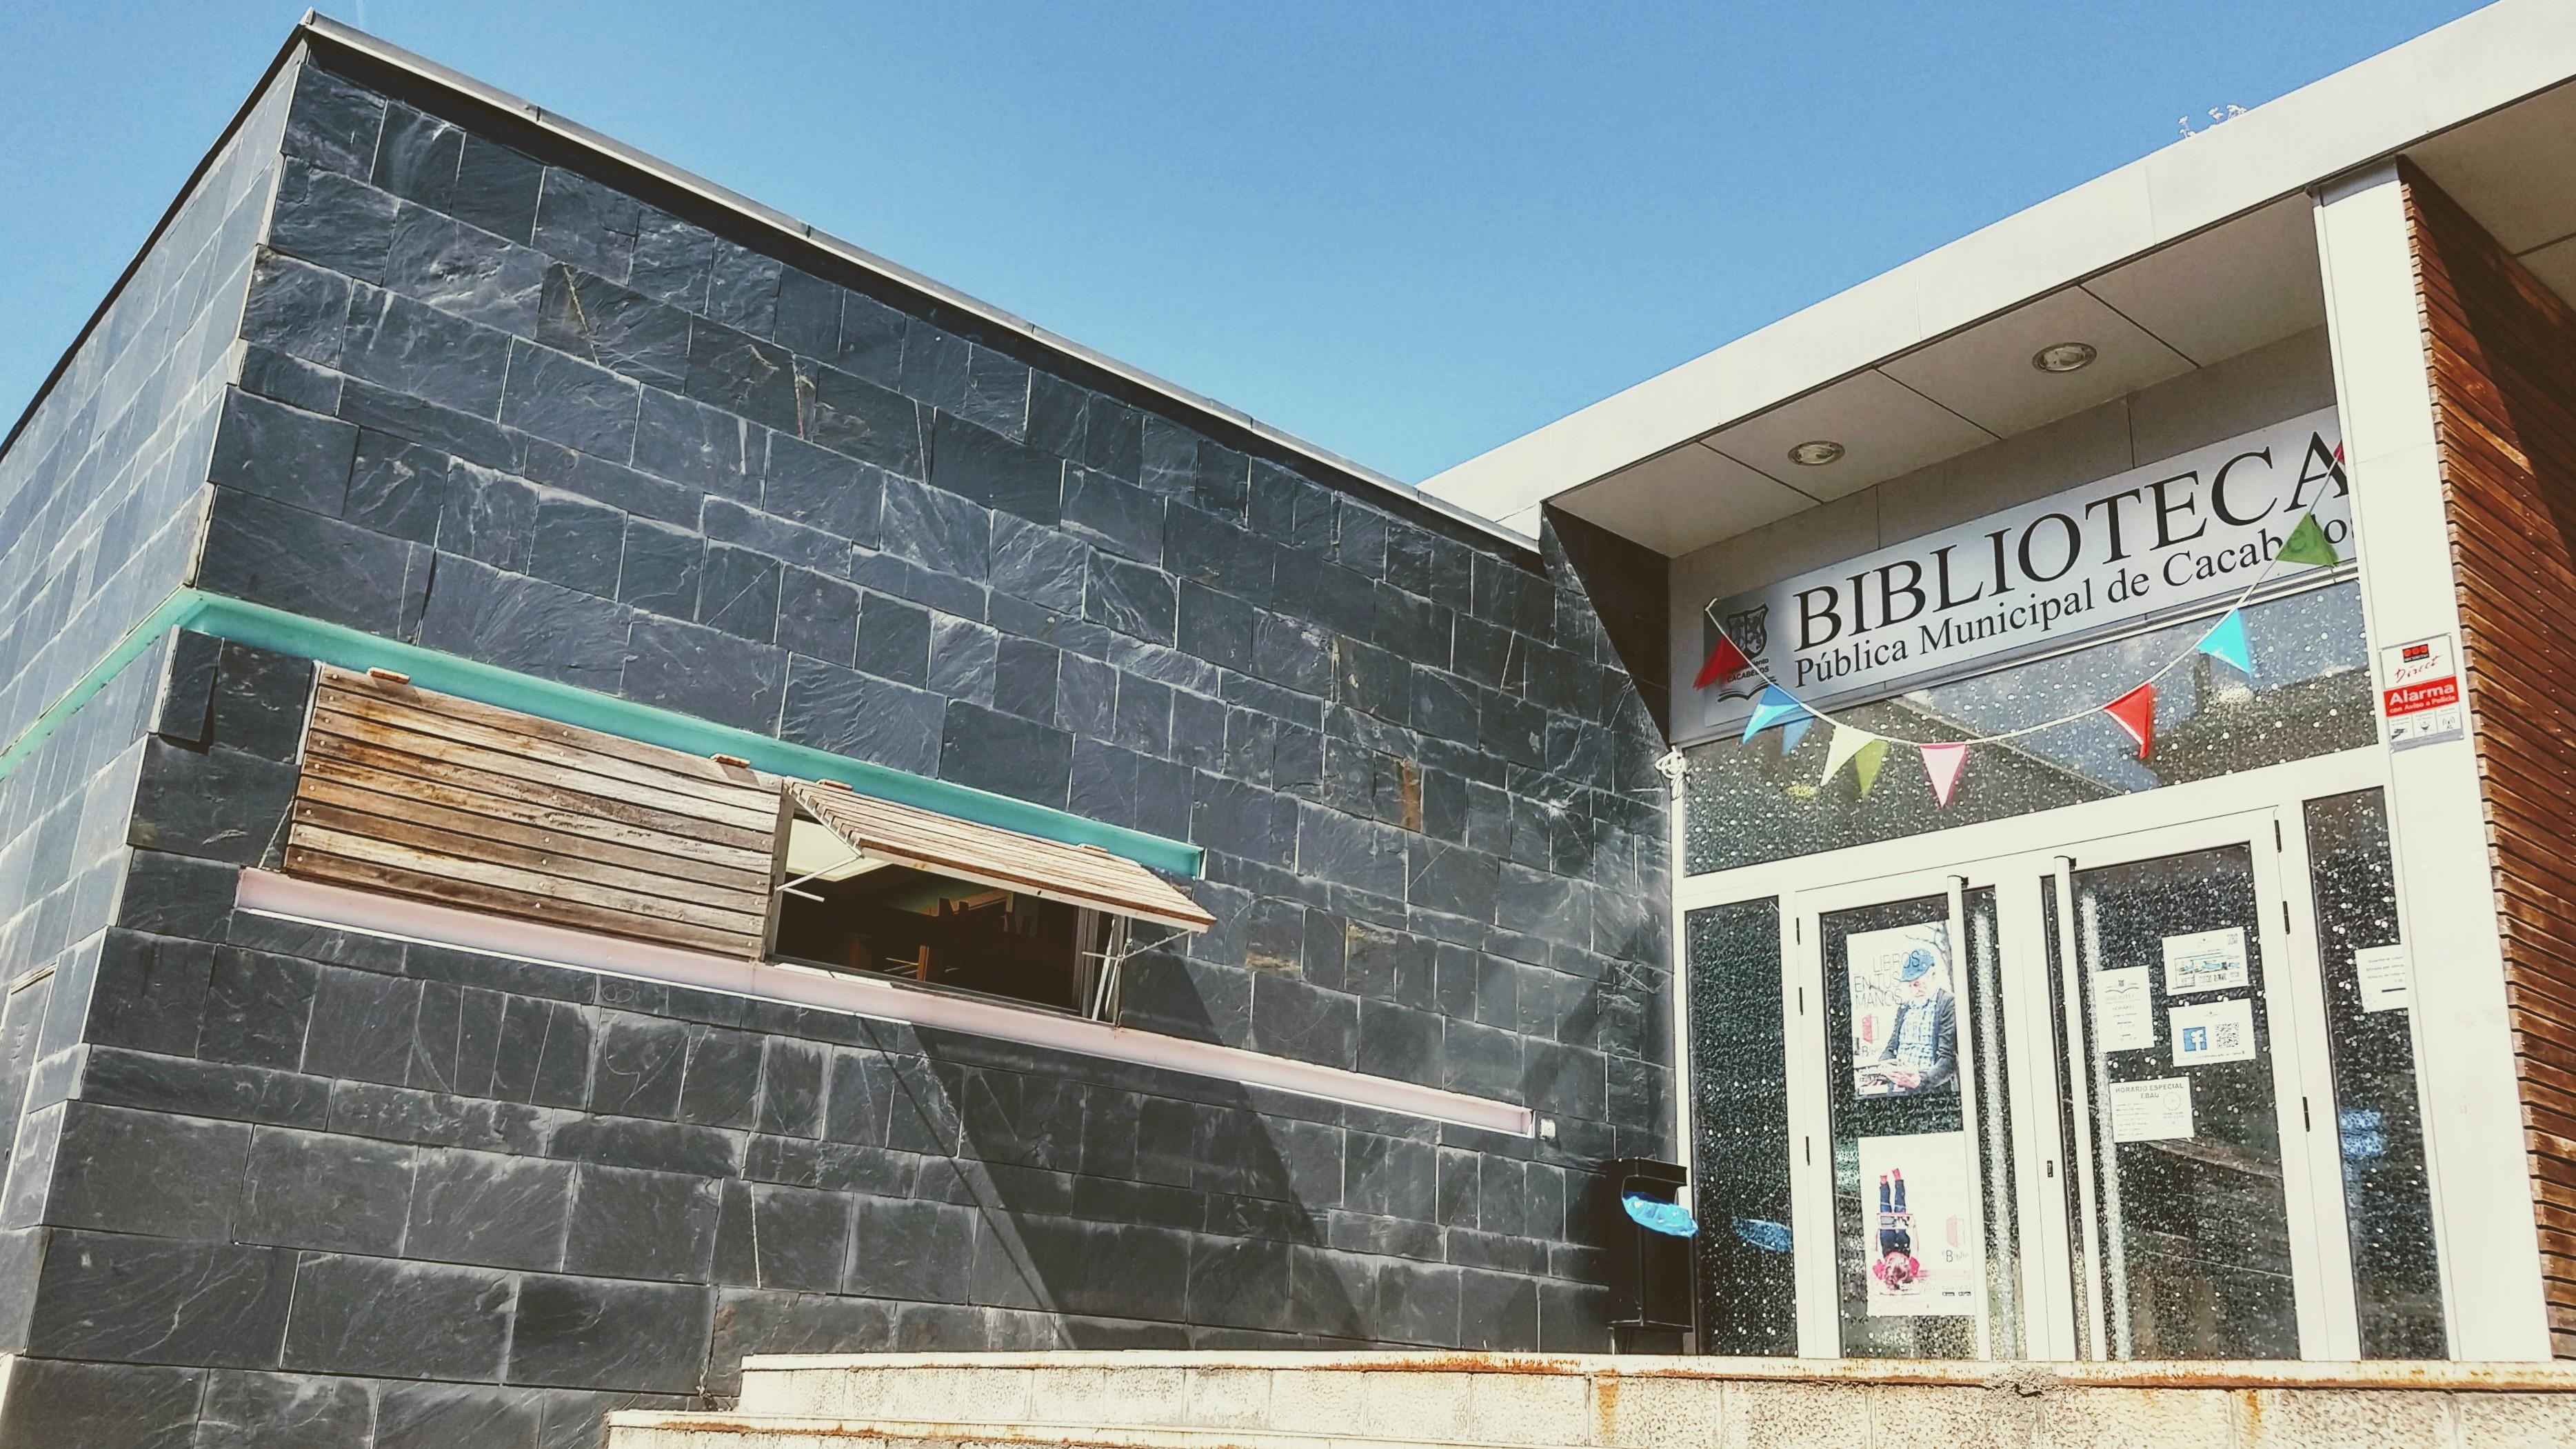 Biblioteca de Cacabelos